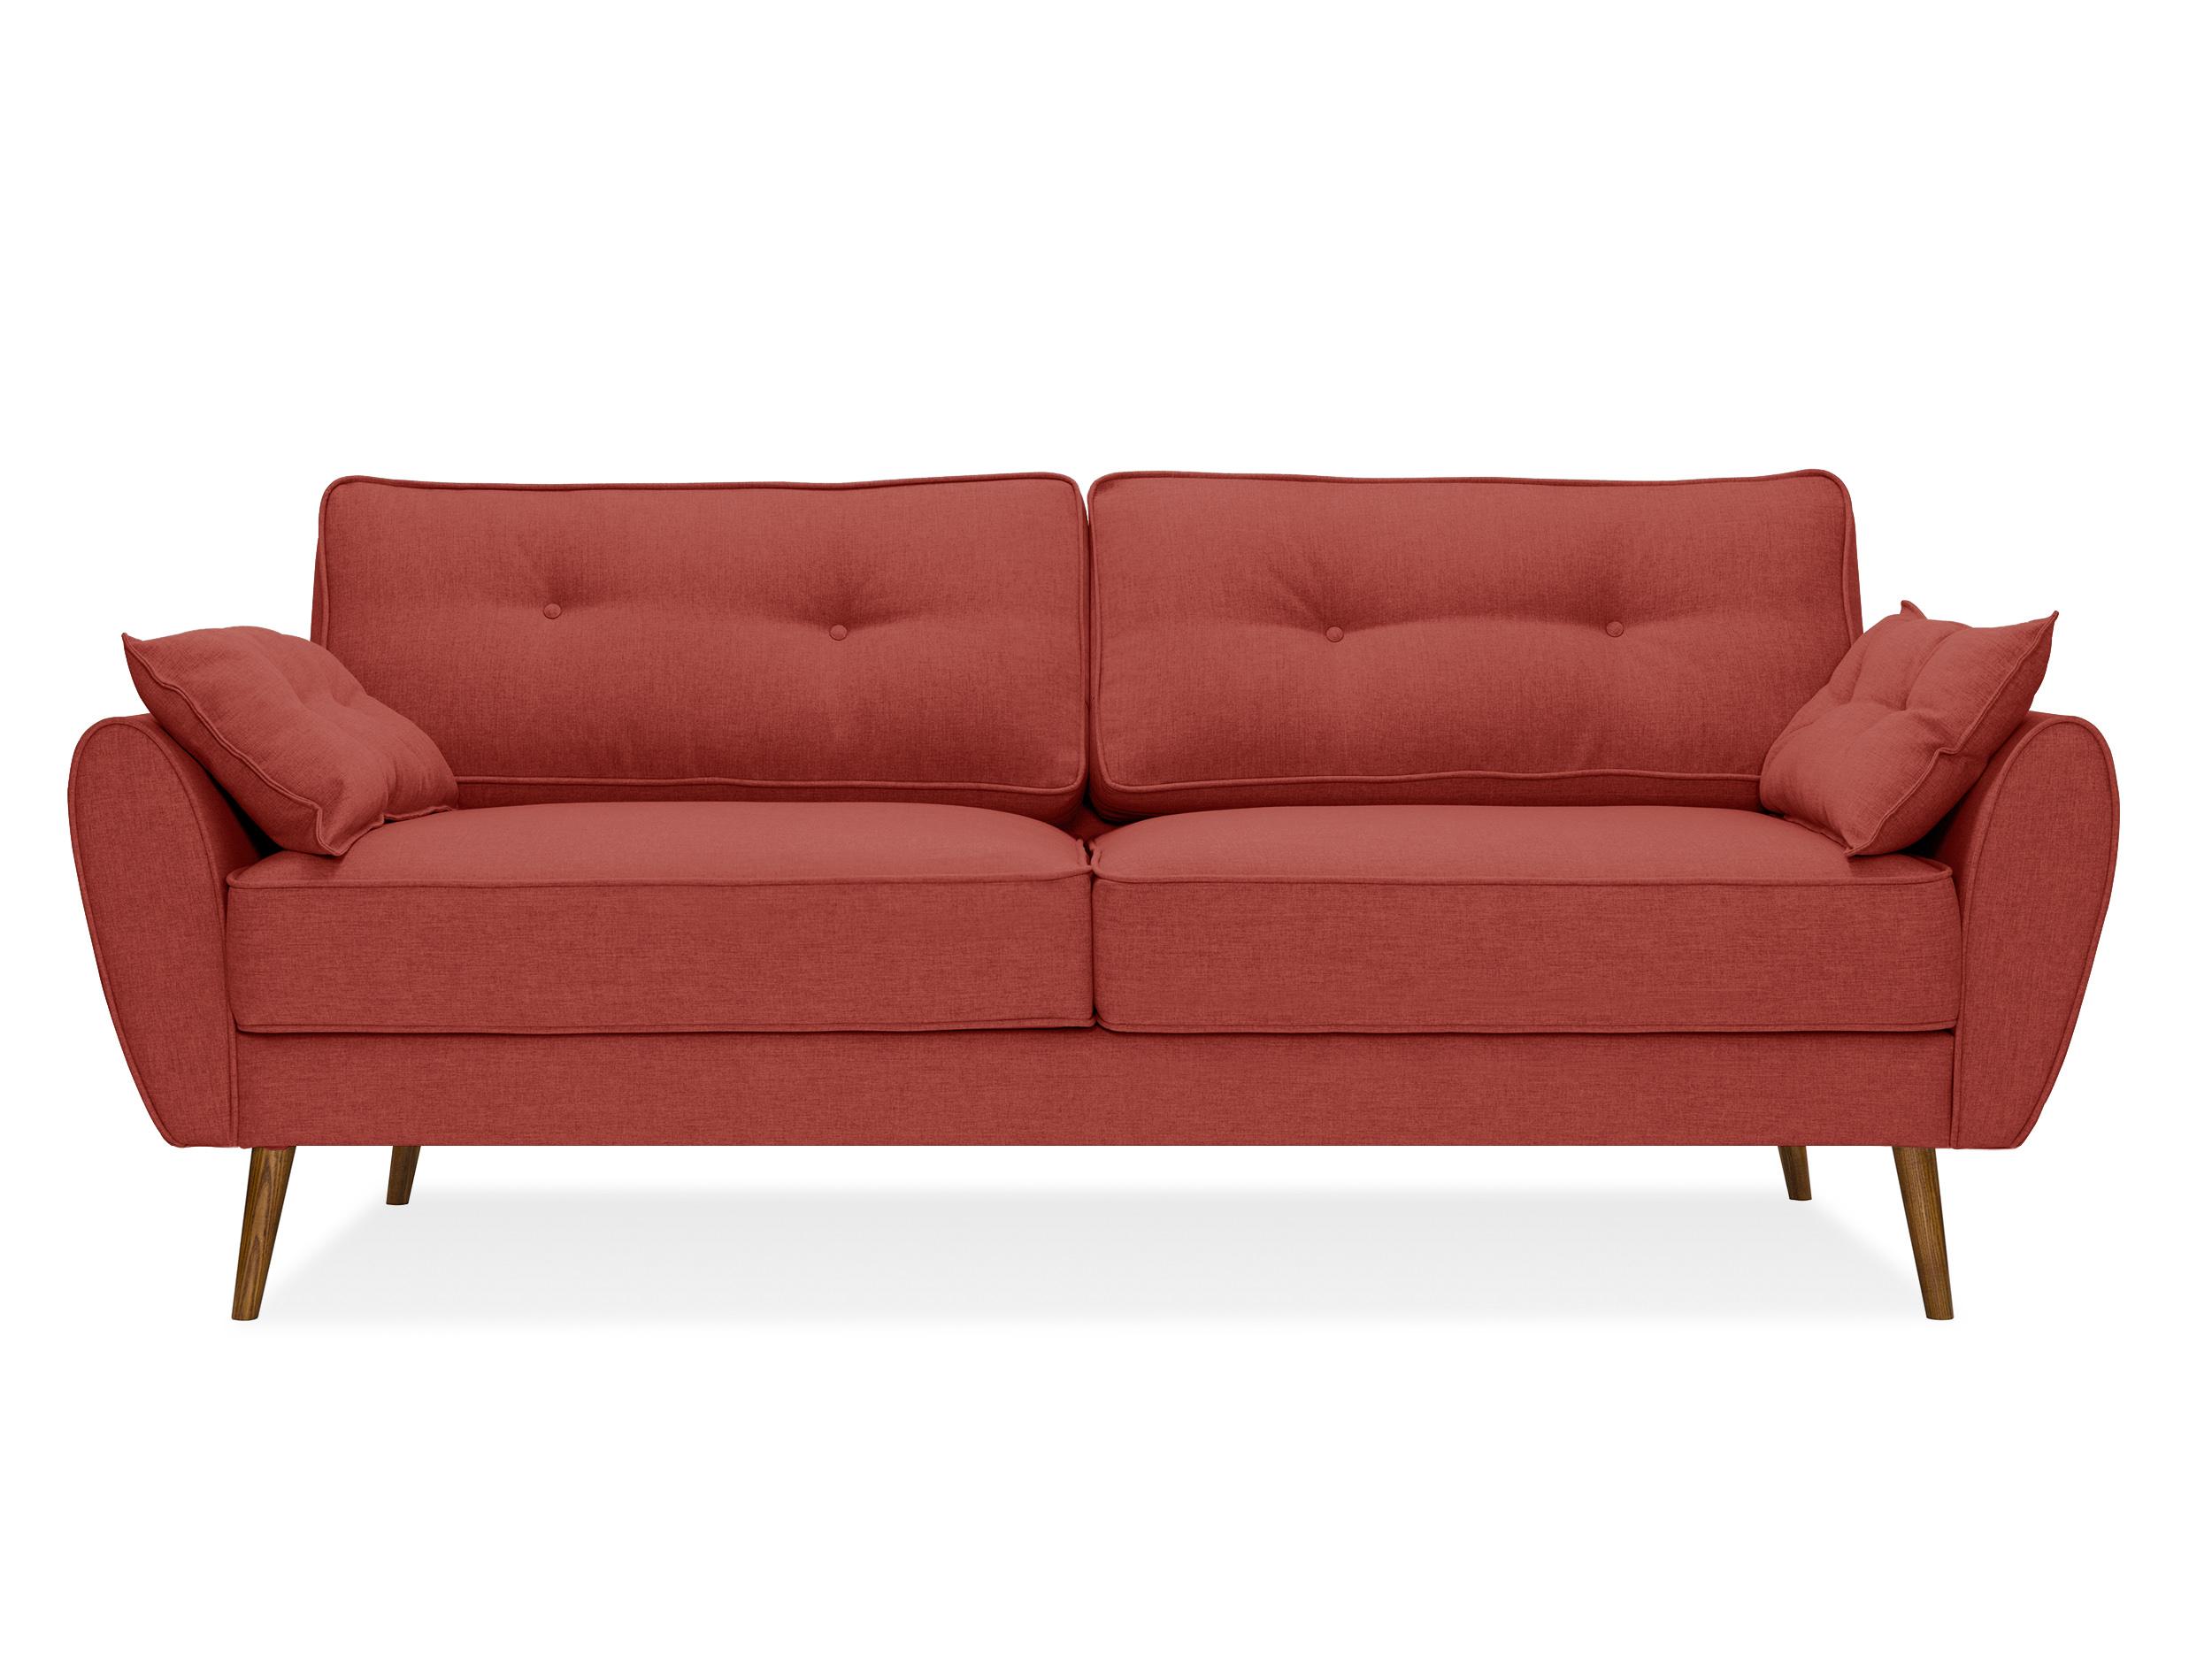 Диван VogueТрехместные диваны<br>&amp;lt;div&amp;gt;Современный диван с легким намеком на &amp;quot;ретро&amp;quot; идеально подойдет для городских квартир.&amp;amp;nbsp;&amp;lt;br&amp;gt;&amp;lt;/div&amp;gt;&amp;lt;div&amp;gt;&amp;lt;div&amp;gt;У него скругленные подлокотники, упругие подушки и как раз та длина, чтобы вы могли вытянуться в полный рост. &amp;amp;nbsp;Но благодаря высоким ножкам &amp;quot;Vogue&amp;quot; выглядит лаконично и элегантно.&amp;amp;nbsp;&amp;lt;br&amp;gt;&amp;lt;/div&amp;gt;&amp;lt;div&amp;gt;&amp;lt;br&amp;gt;&amp;lt;/div&amp;gt;&amp;lt;div&amp;gt;Специально для этой серии наши стилисты подобрали 10 модных оттенков практичной рогожки.&amp;amp;nbsp;&amp;lt;/div&amp;gt;&amp;lt;div&amp;gt;&amp;lt;br&amp;gt;&amp;lt;/div&amp;gt;Корпус: фанера, брус. Ножки: дерево.&amp;lt;div&amp;gt;Ткань: рогожка, устойчивая к повреждениям&amp;lt;br&amp;gt;&amp;lt;div&amp;gt;Цвет: Alex_plain_9_3&amp;lt;/div&amp;gt;&amp;lt;/div&amp;gt;&amp;lt;/div&amp;gt;<br><br>Material: Текстиль<br>Ширина см: 226.0<br>Высота см: 88.0<br>Глубина см: 91.0